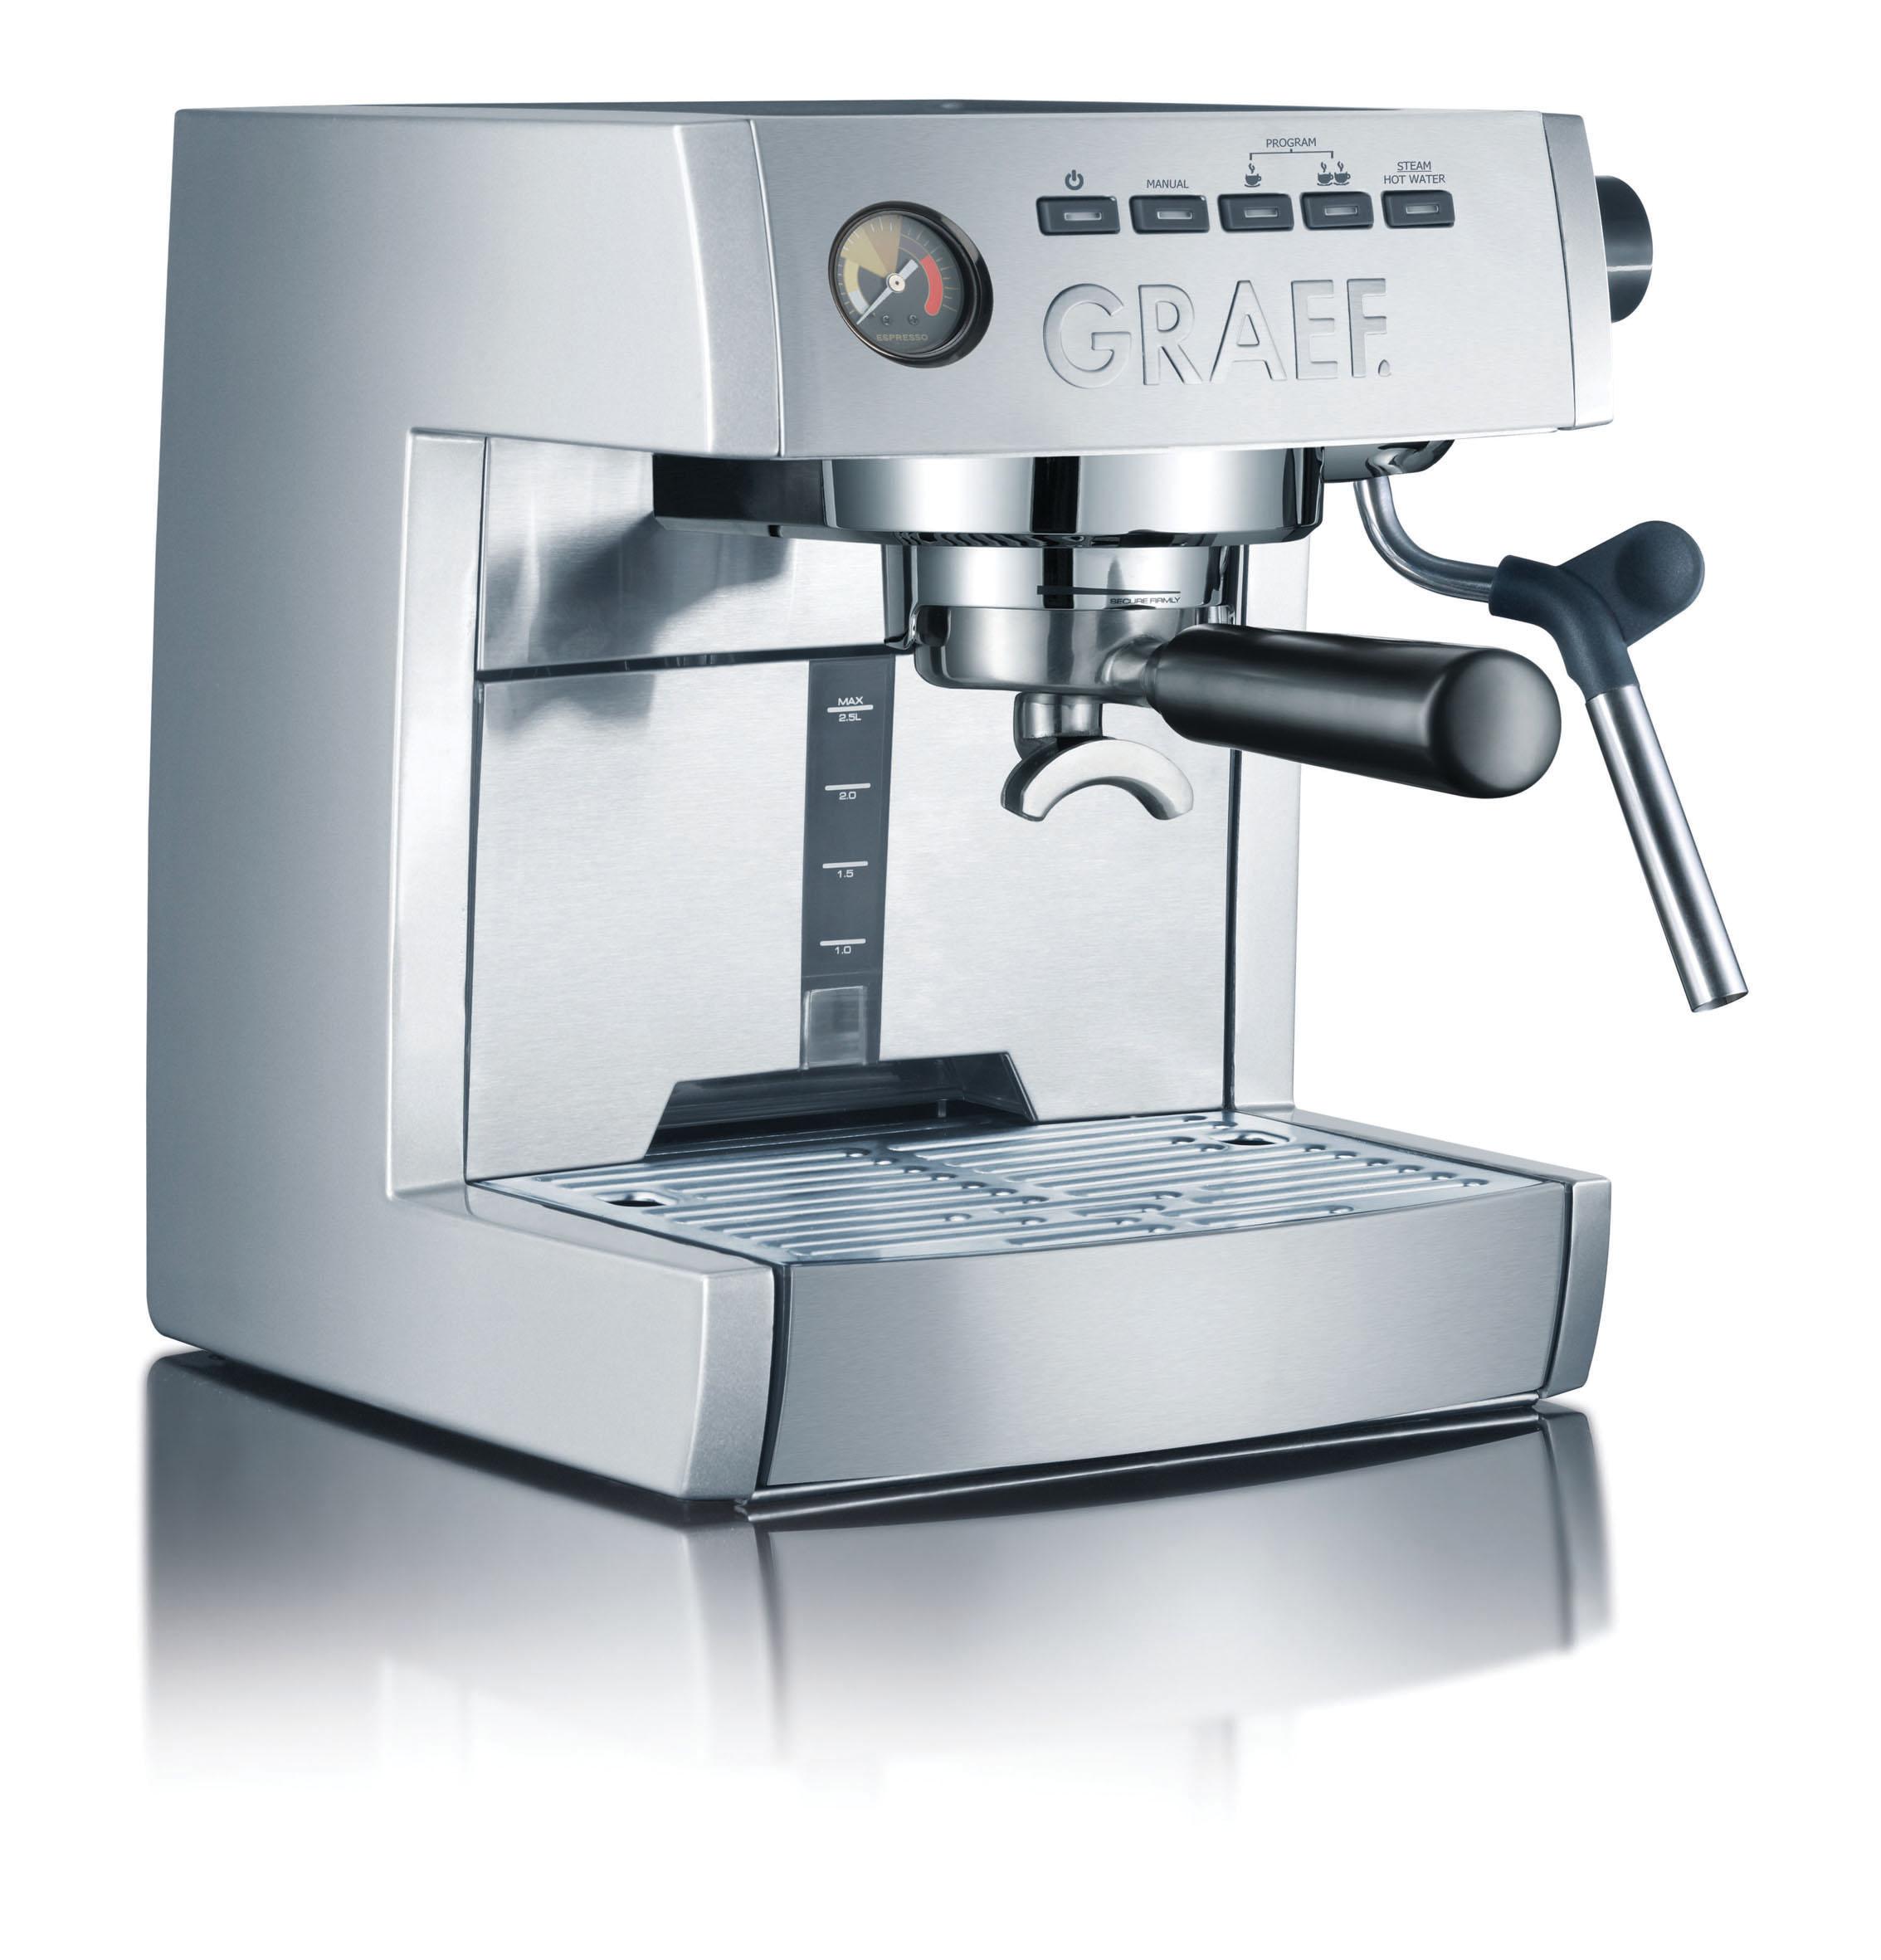 graef espressoautomat es85 silber und es86 wei professioneller espressogenuss auch f r zuhause. Black Bedroom Furniture Sets. Home Design Ideas